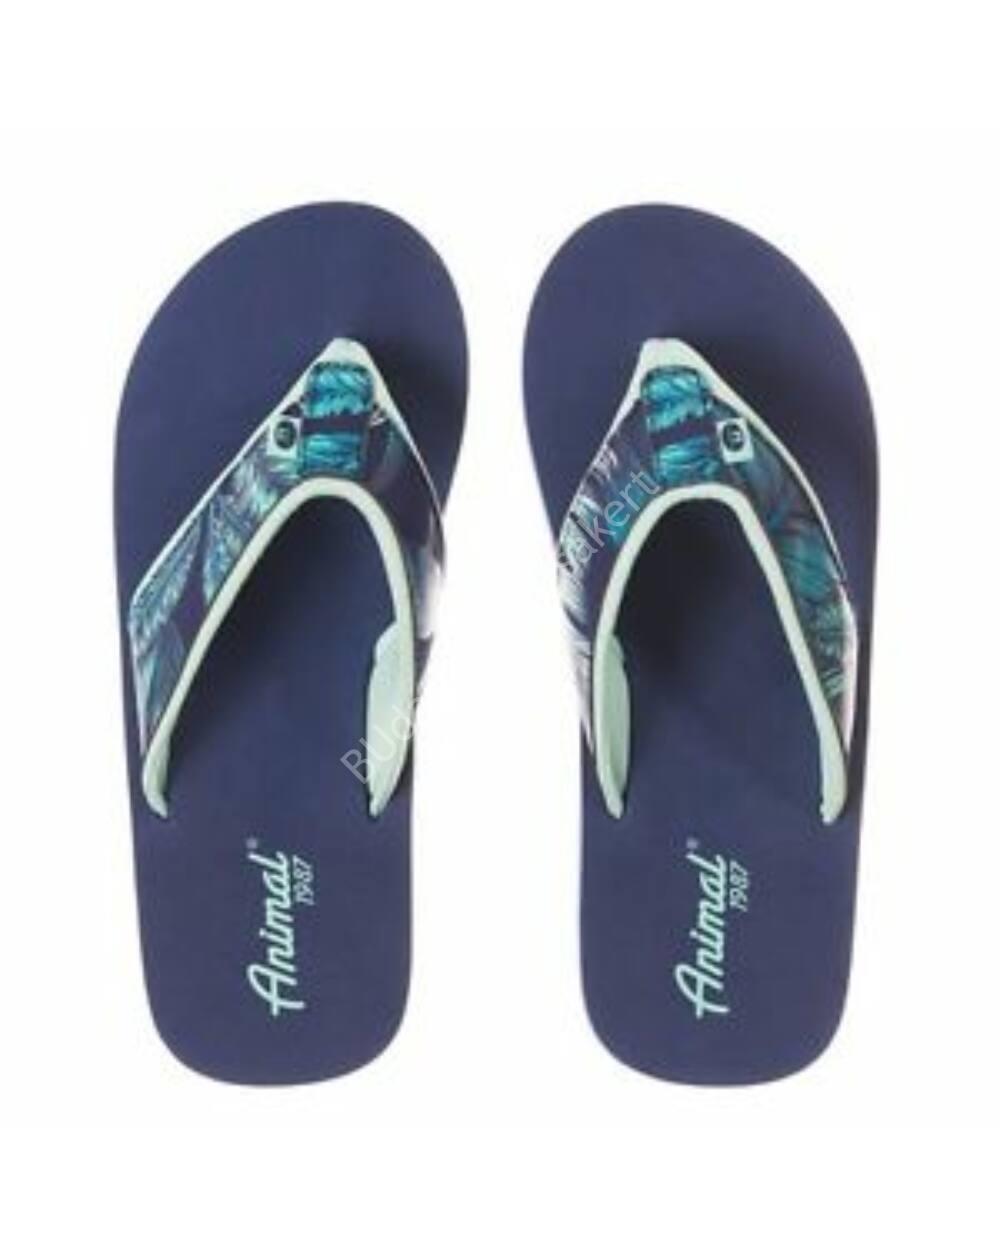 Animal Swish flip-flop papucs nőknek, kék